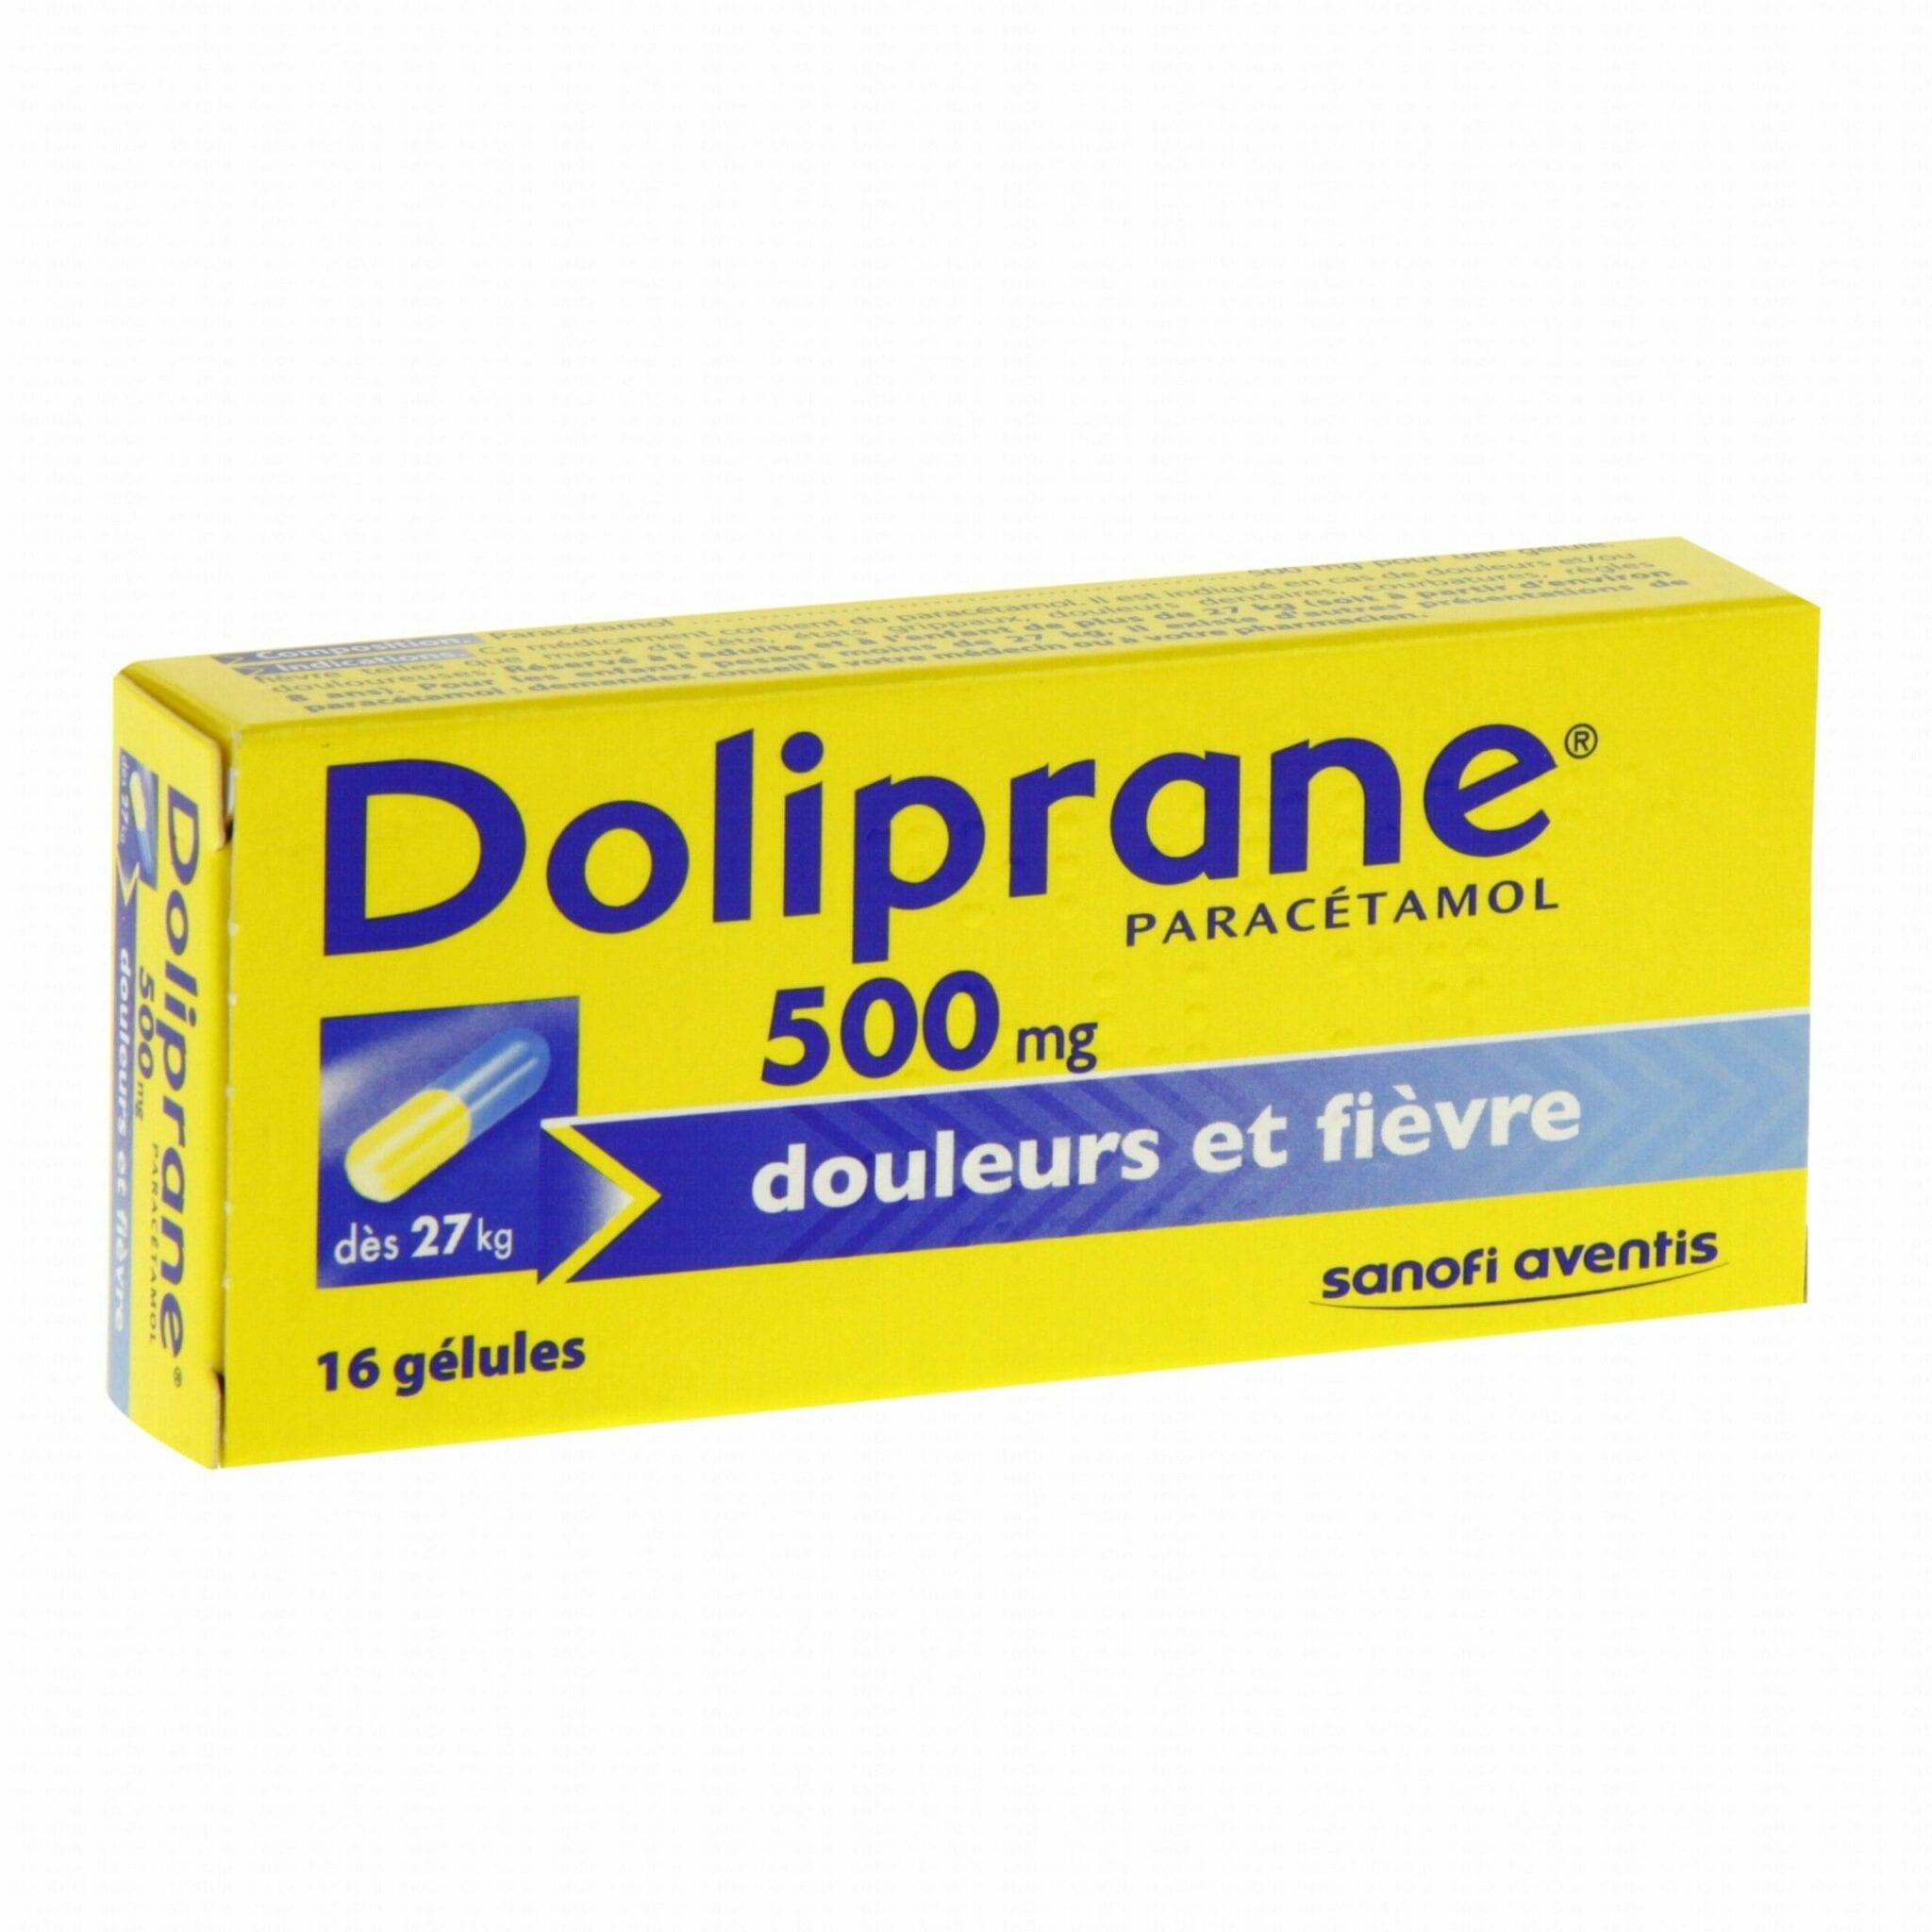 D'après Didier Raoult, le doliprane est plus dangereux que l'hydroxychloroquine